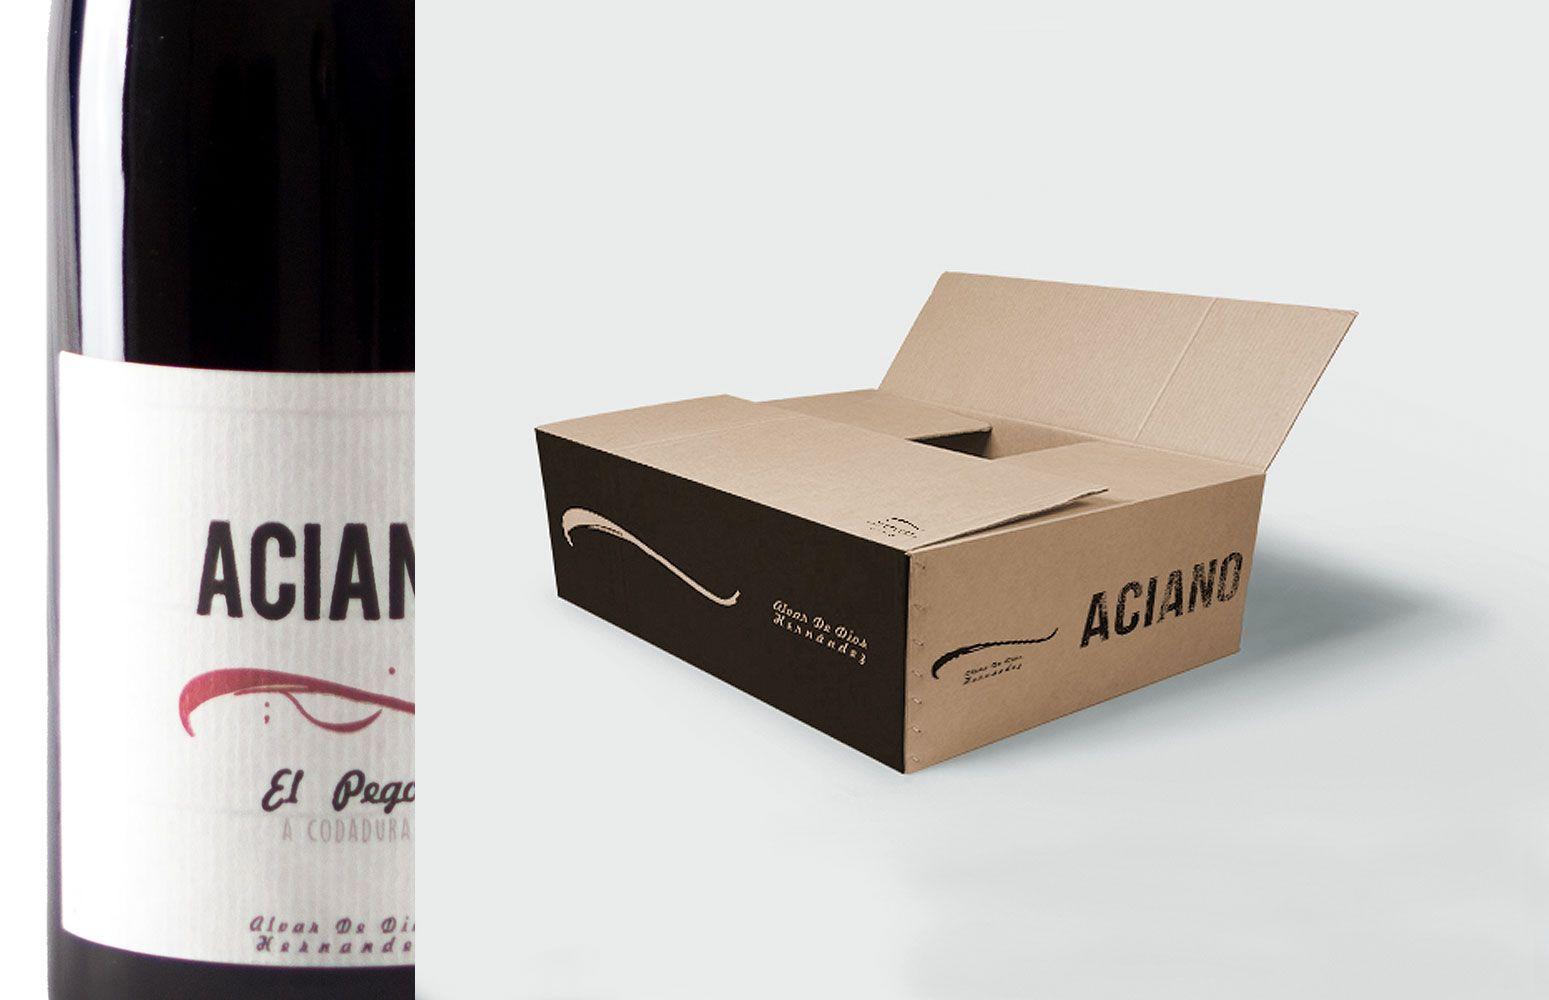 Diseño de cajas de vino Alvar de Dios